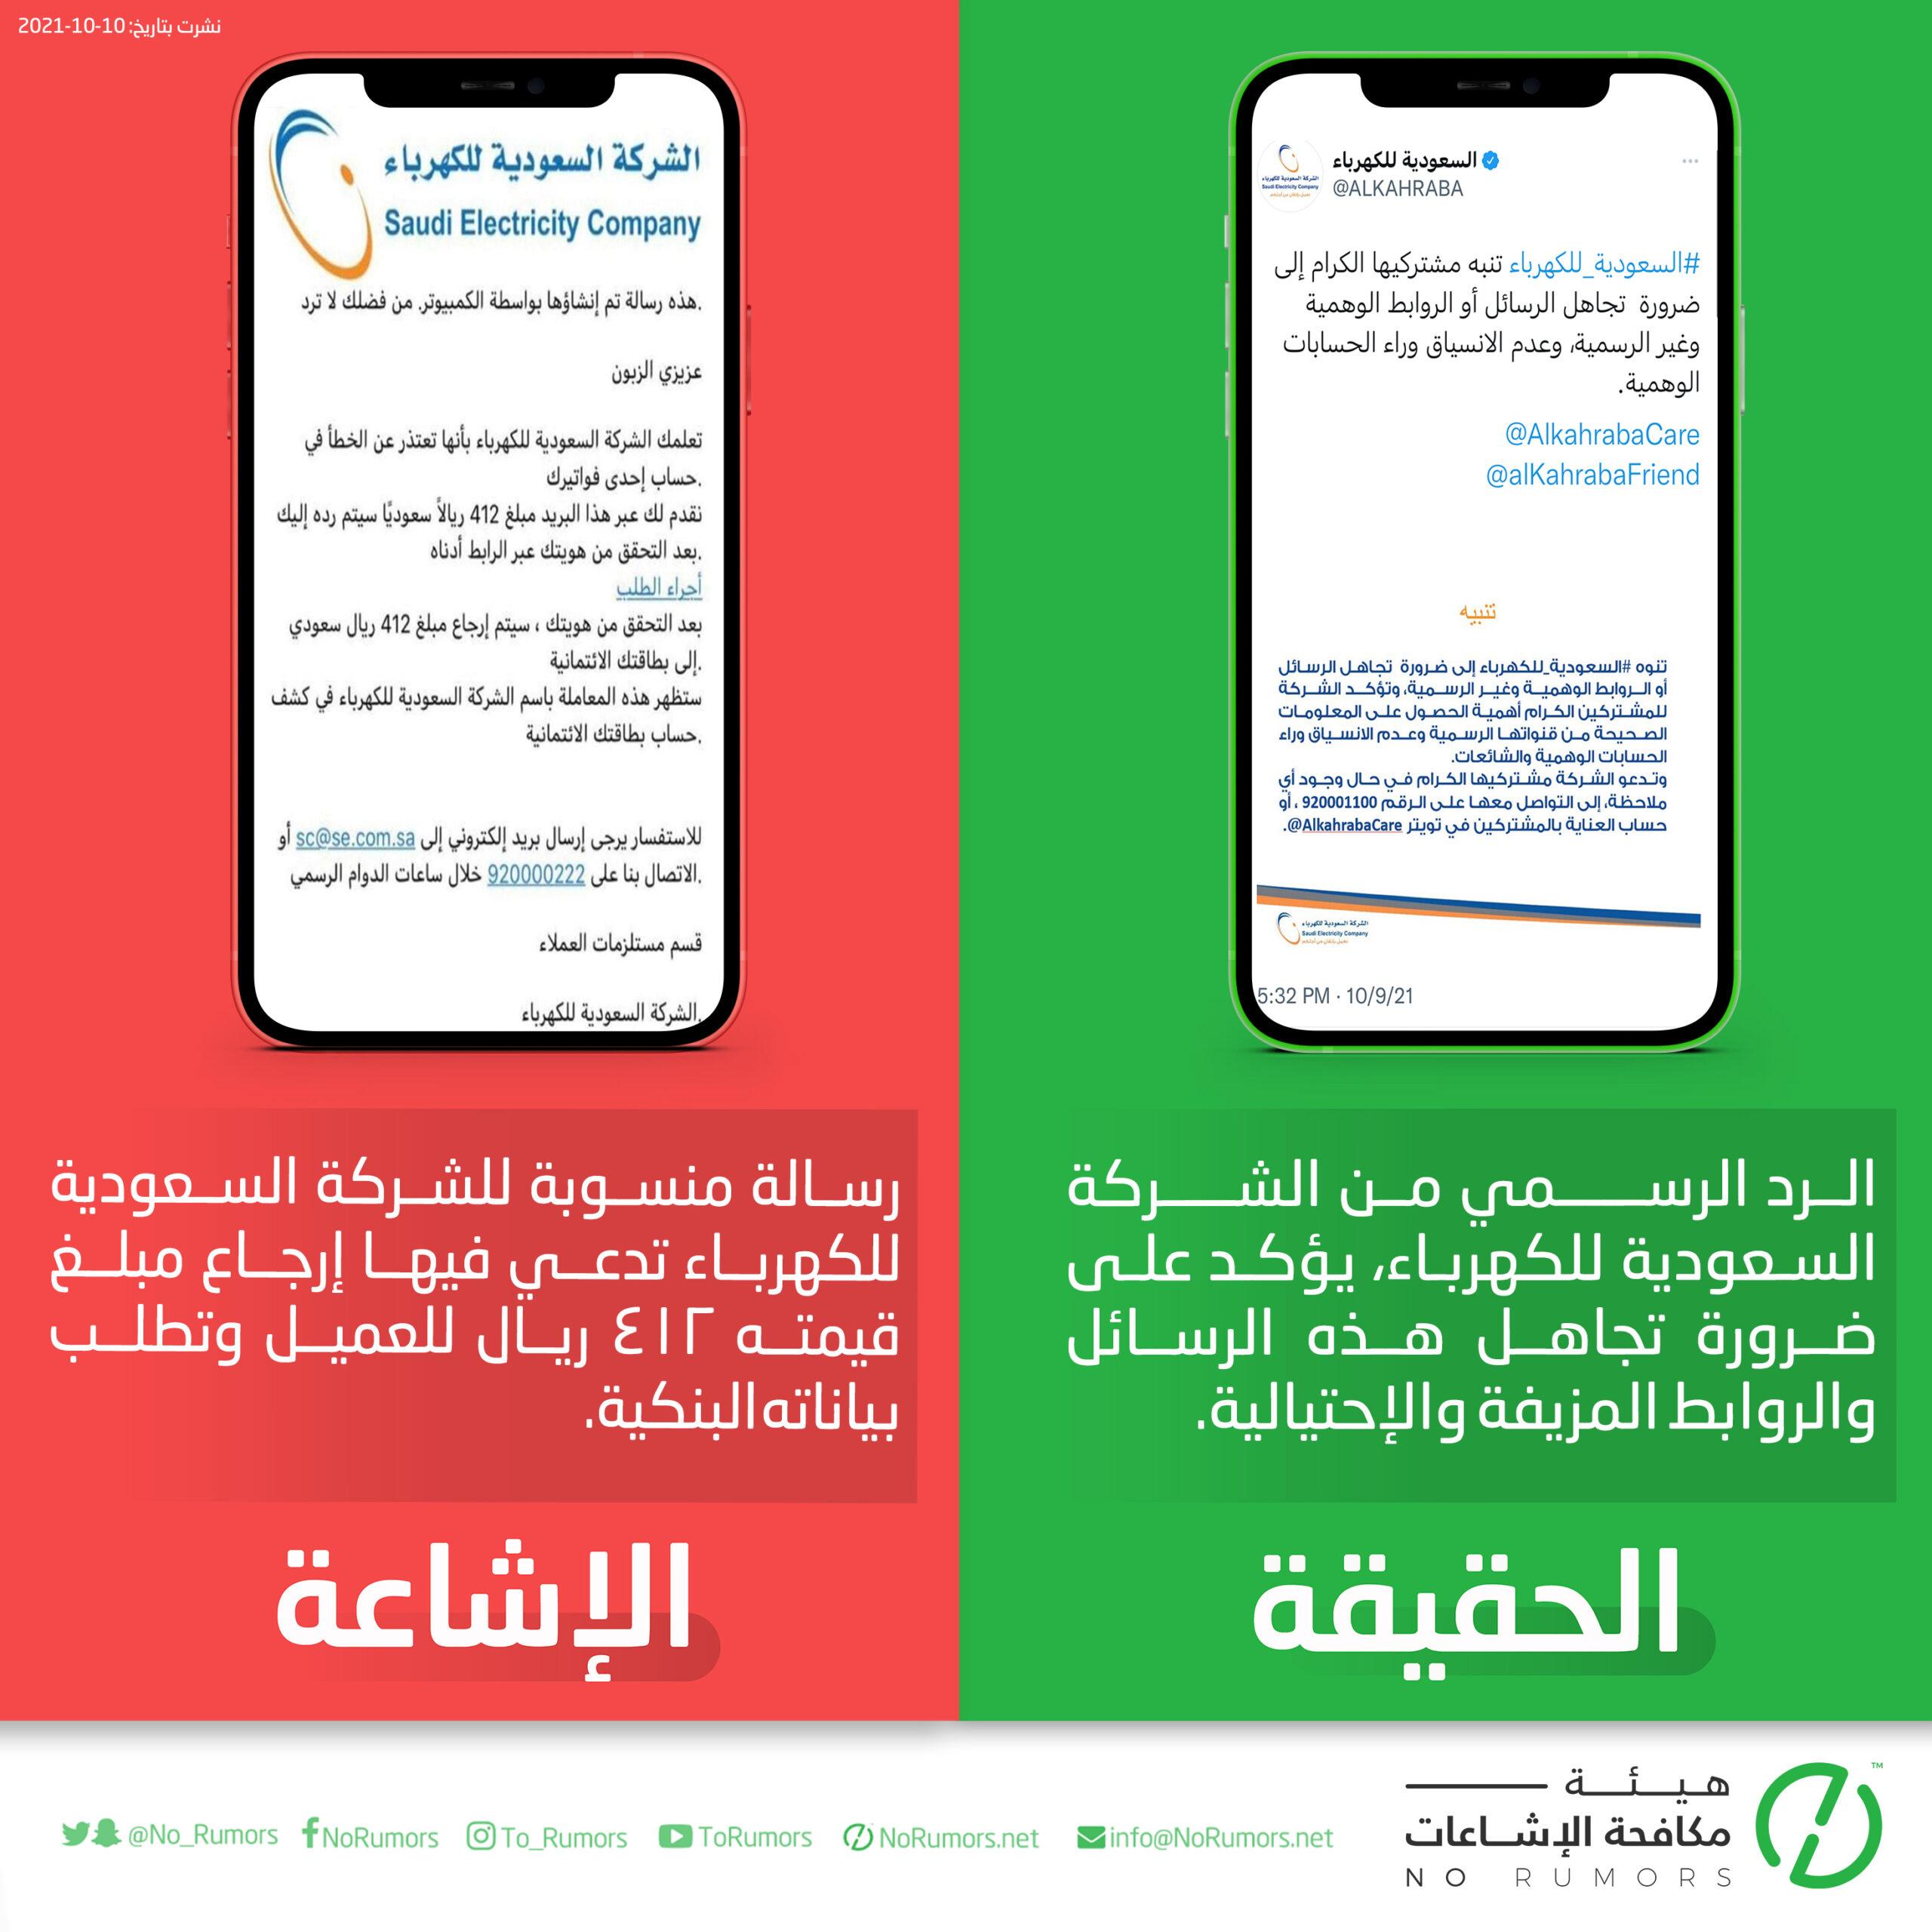 حقيقة الرسالة الإحتيالية المنسوبة لشركة الكهرباء السعودية